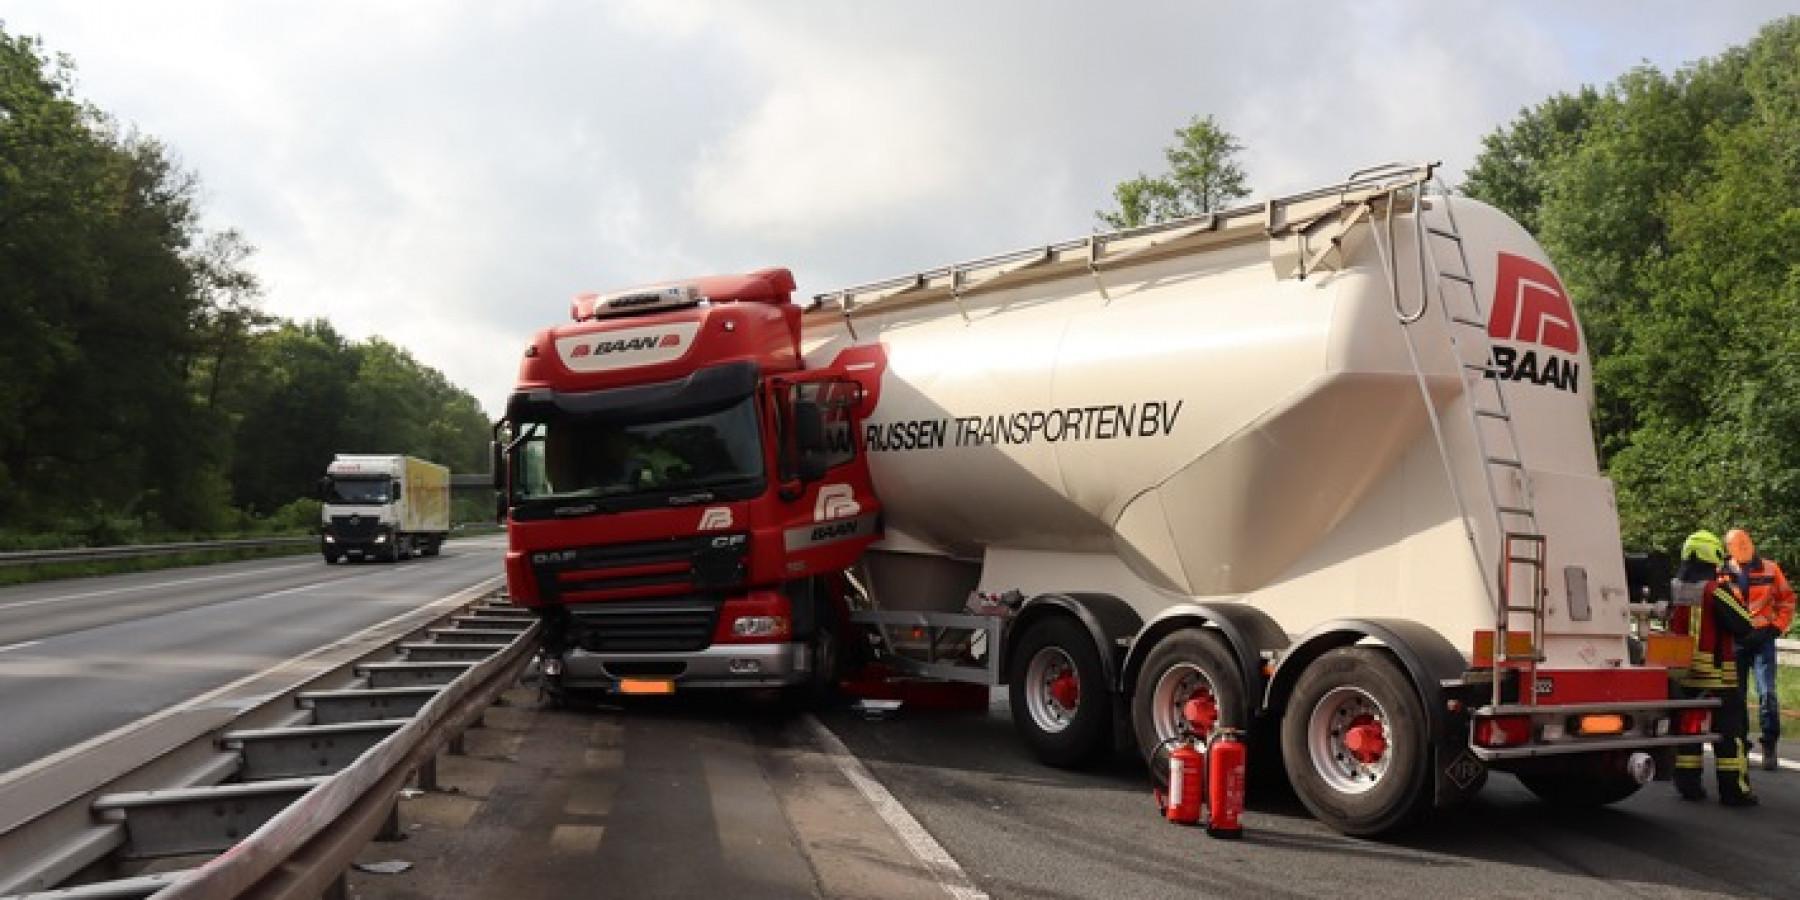 Silozug stellt sich quer – stundenlange Sperrung der A1 bei Ascheberg